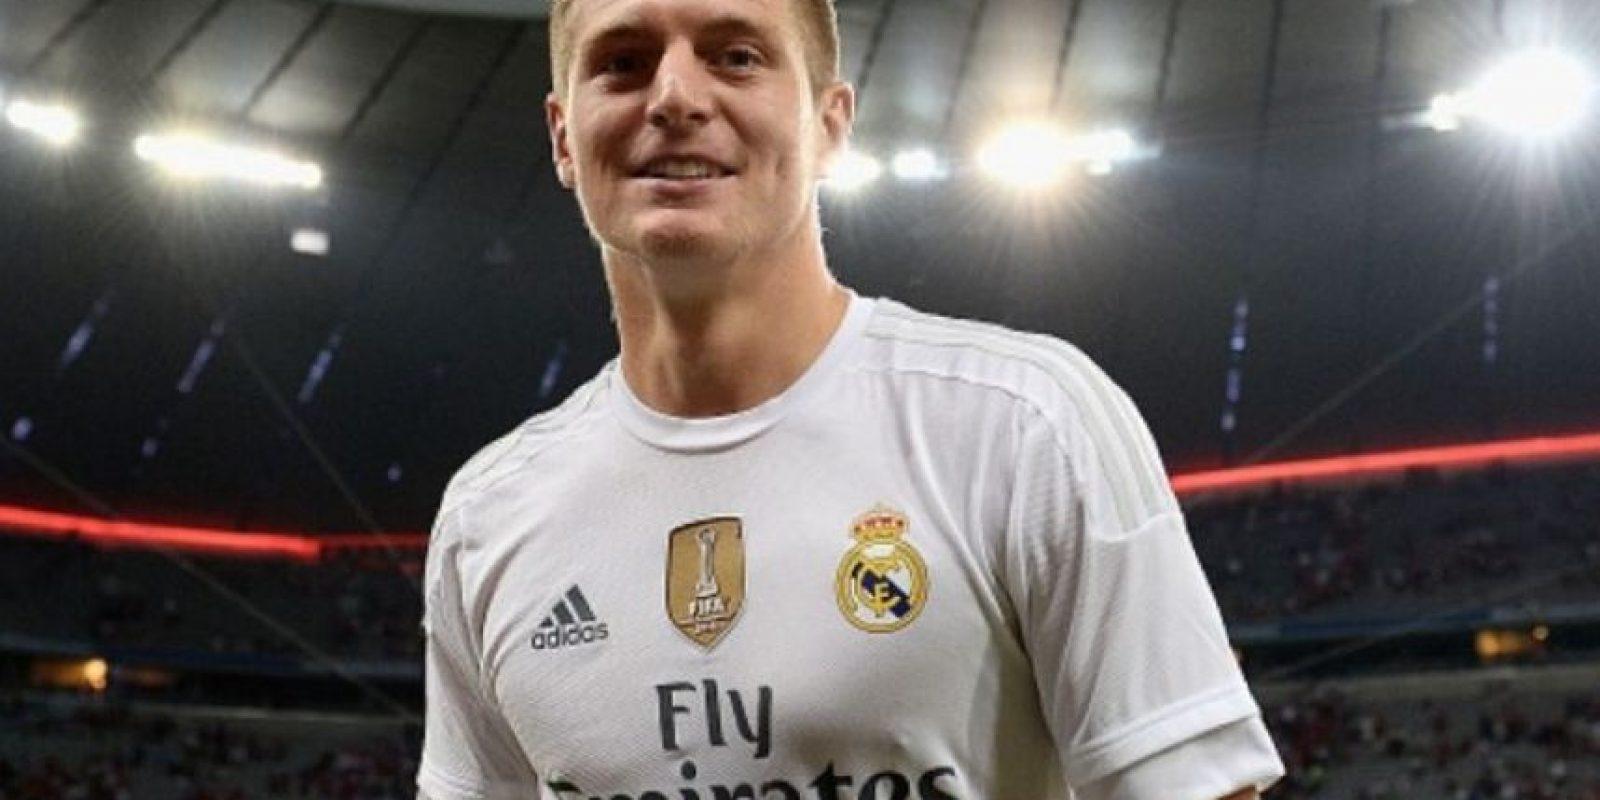 El alemán juega en el Real Madrid de España. Foto:Getty Images